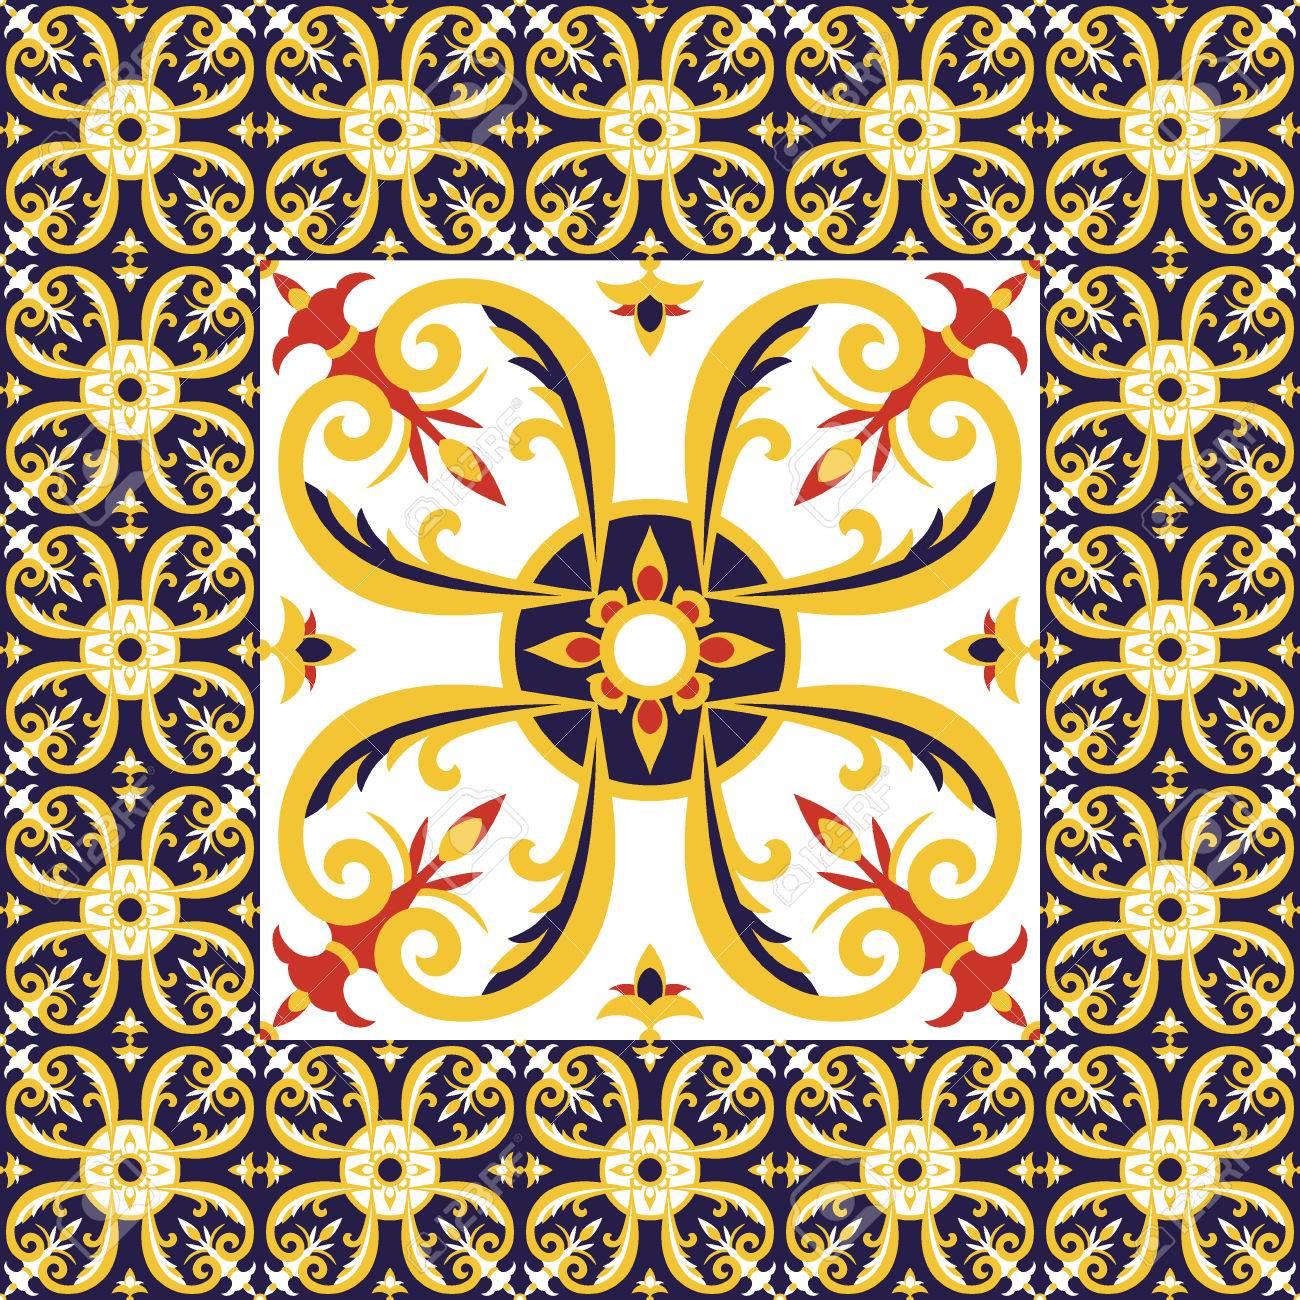 Azulejos Suelo Vector Patrón Con Azulejos De Cerámica. El Azulejo ...